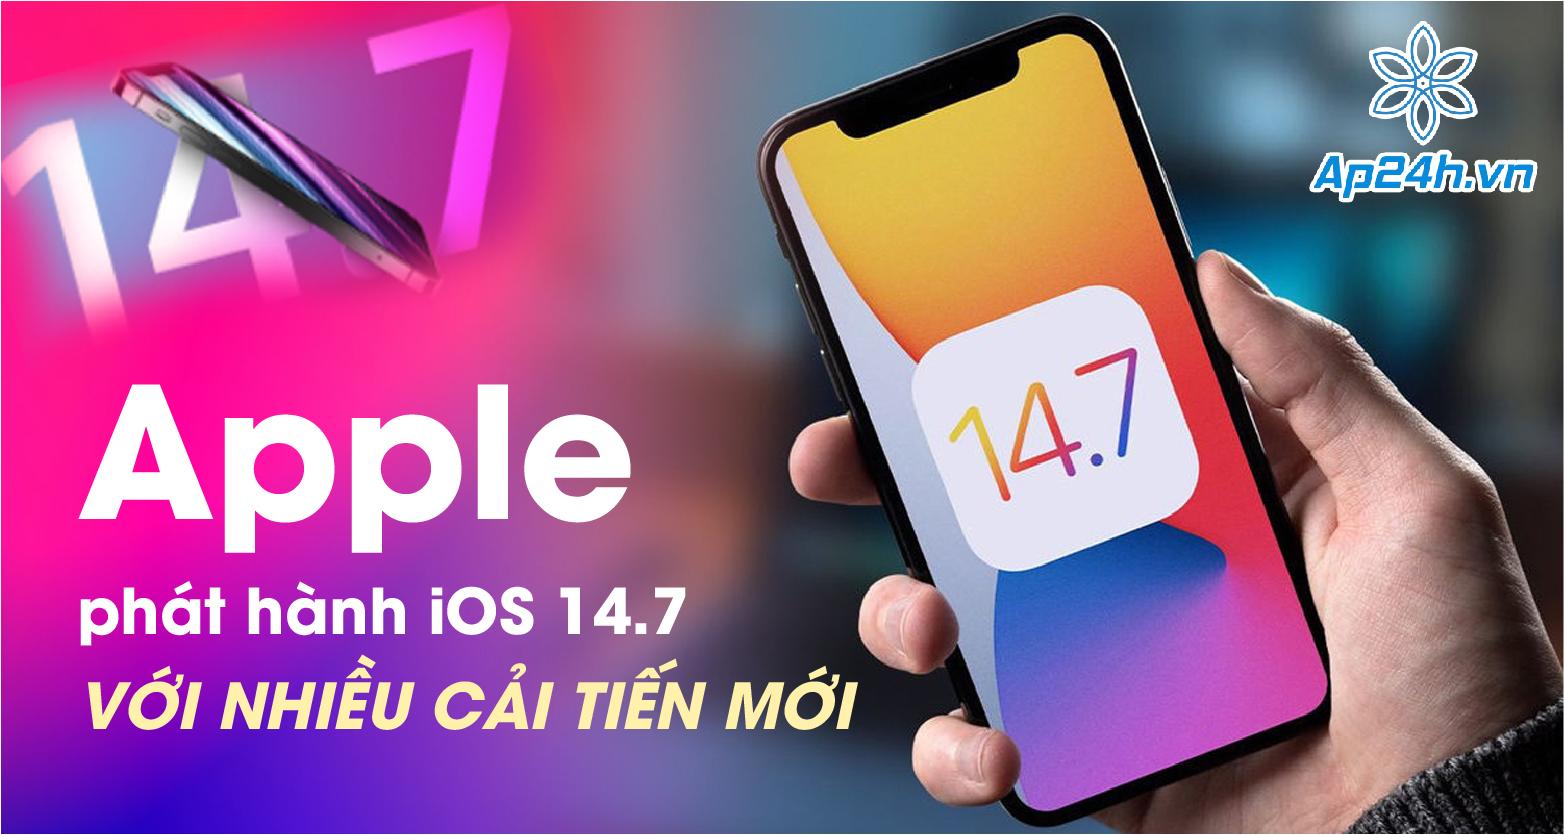 iOS 14.7 vừa được Apple phát hành